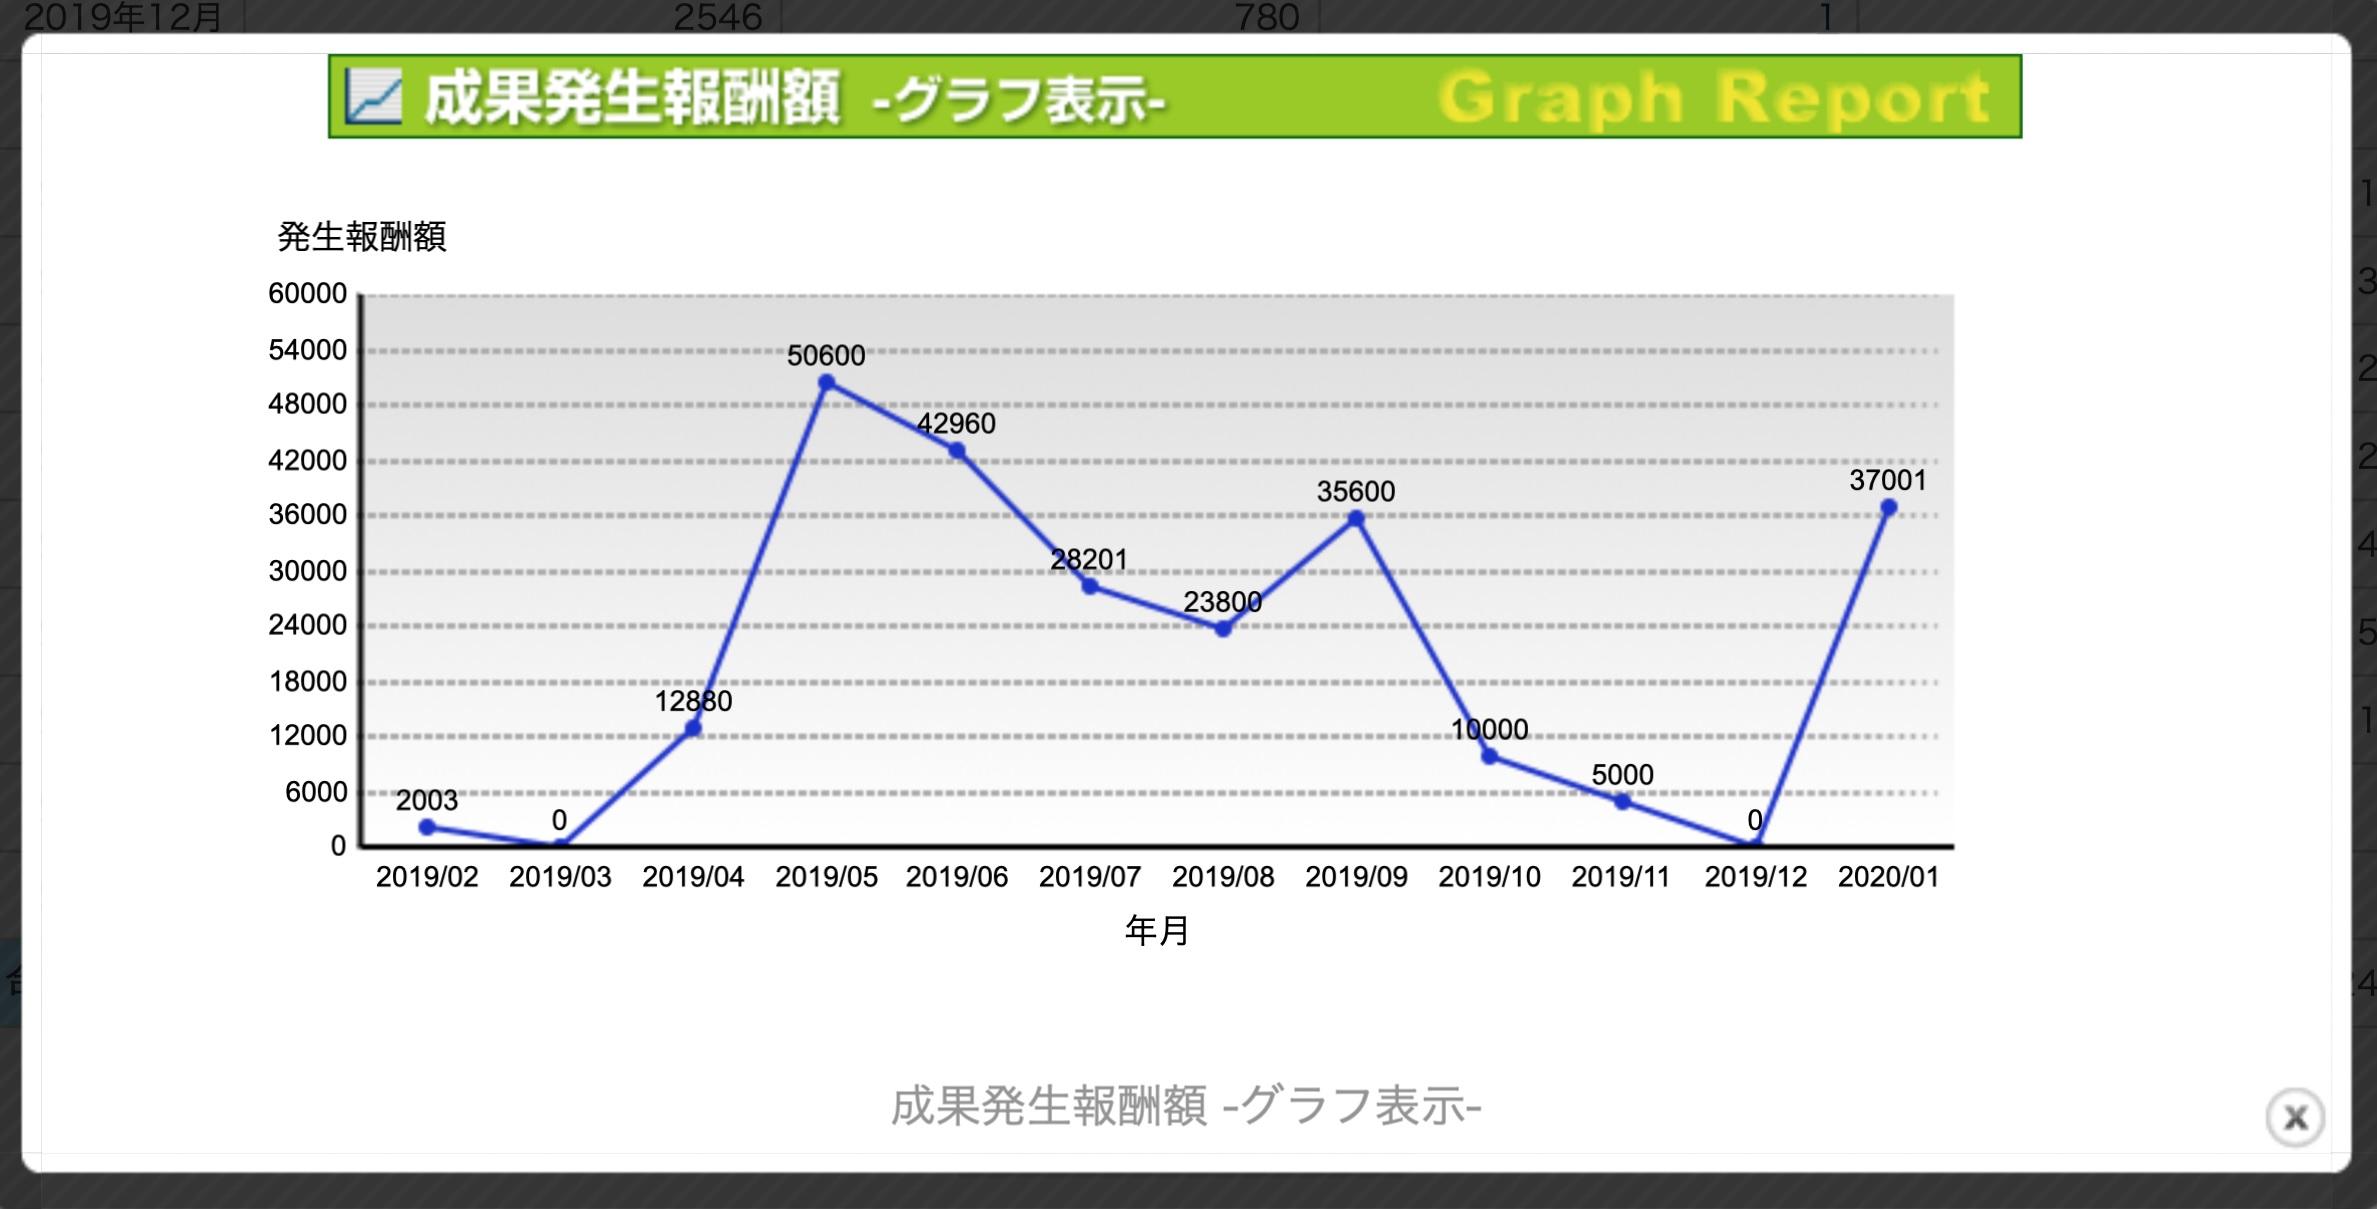 アフィリエイト2019年度(成果発生グラフ)